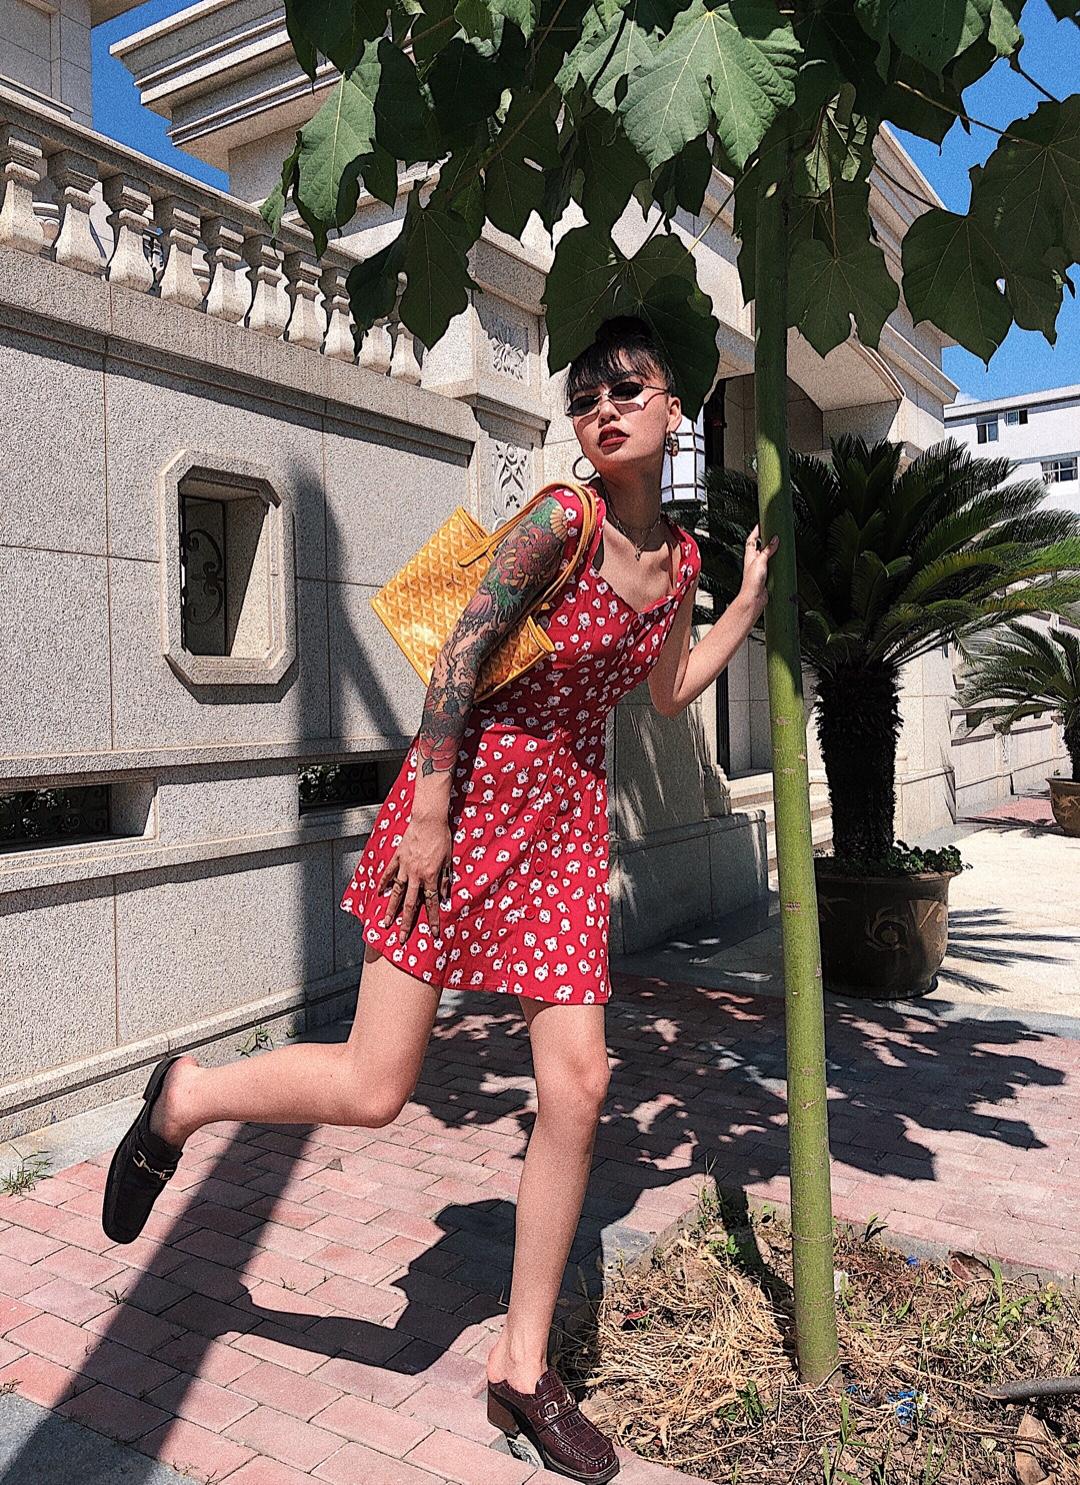 #法式穿搭,气质值+100!# 法式小女人连衣裙 爆米花的配色🍿️ 超级喜欢这样又复古又有意思的穿搭 俏皮可爱又优雅 一条裙子就搞定 我喜欢分享新的东西 更喜欢解锁新的搭配 有喜欢我的可以跟我一起探讨 个性又美丽的女人是如何炼成的🥳🥳🥳